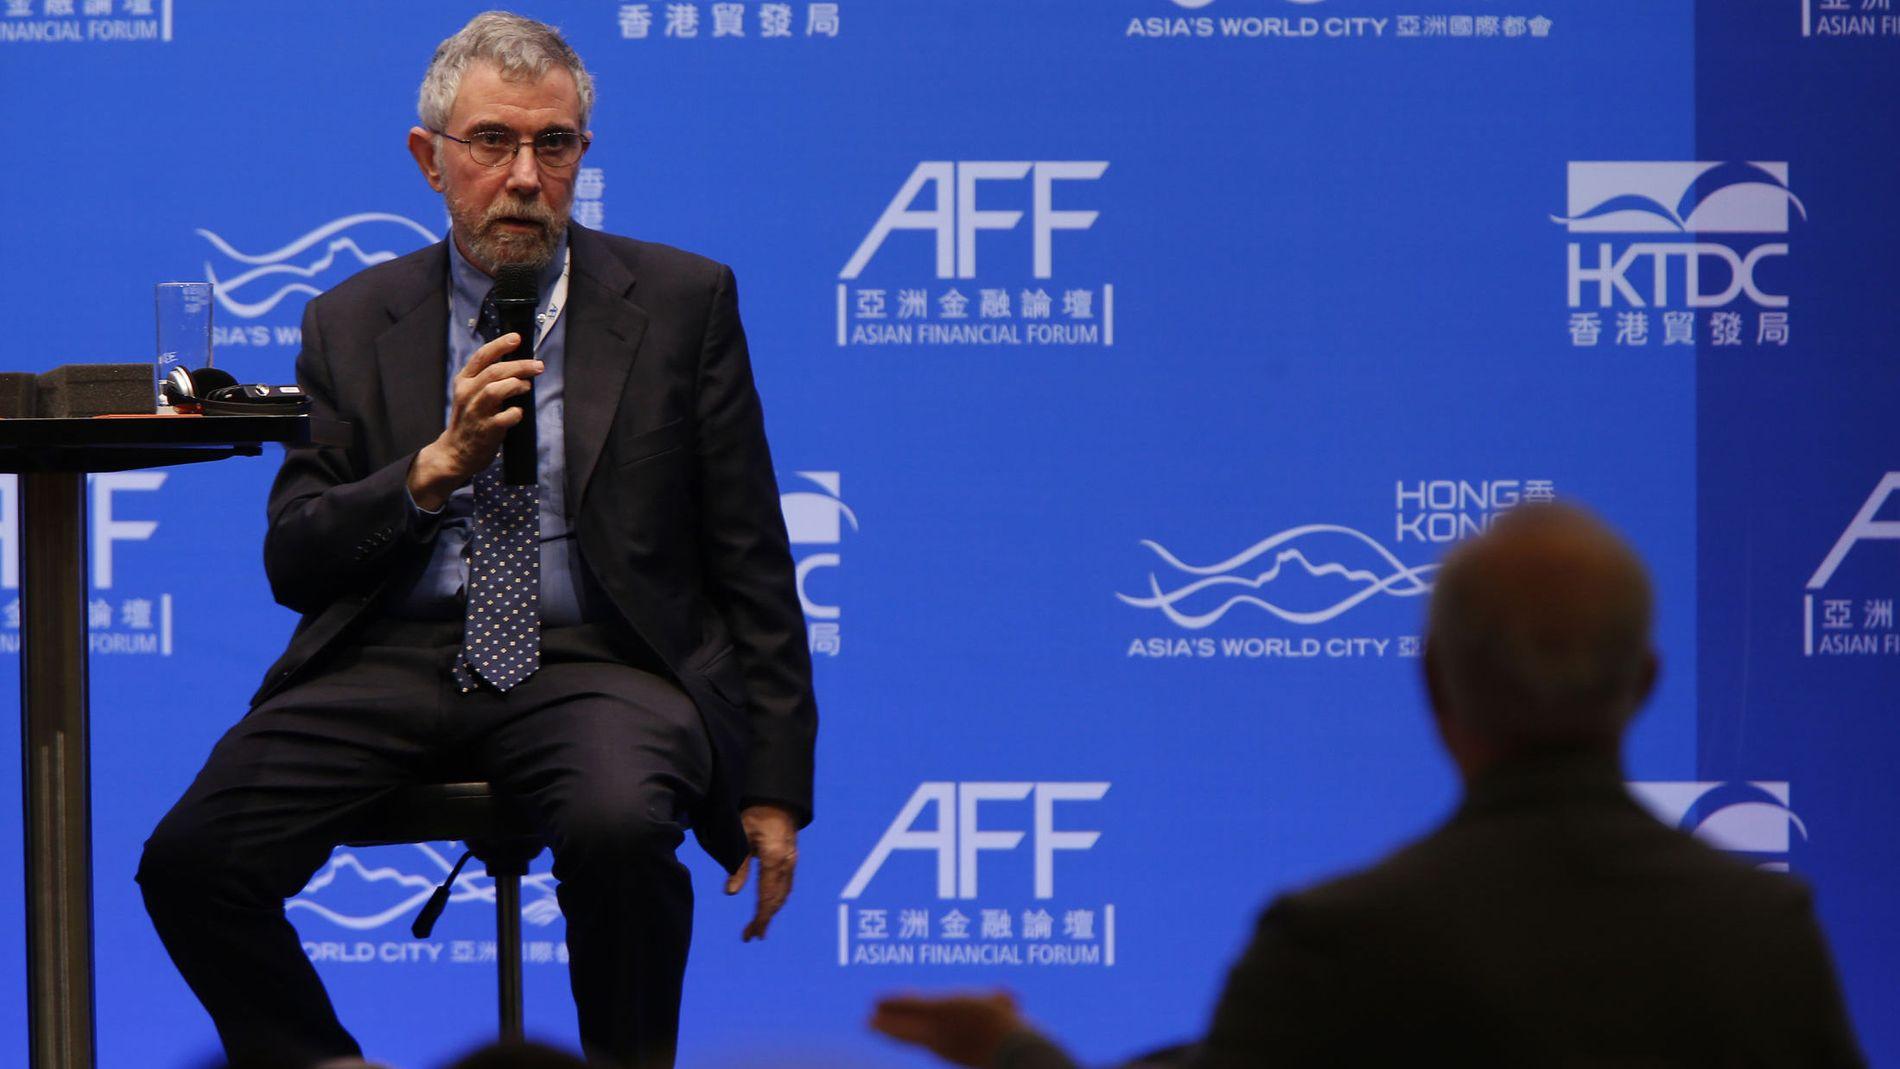 KRITISERT: Den kjente og kontroversielle Princeton-professoren og nobelprisvinneren Paul Krugman har blitt kritisert for å be den greske regjeringen avvise EUs sparekrav.